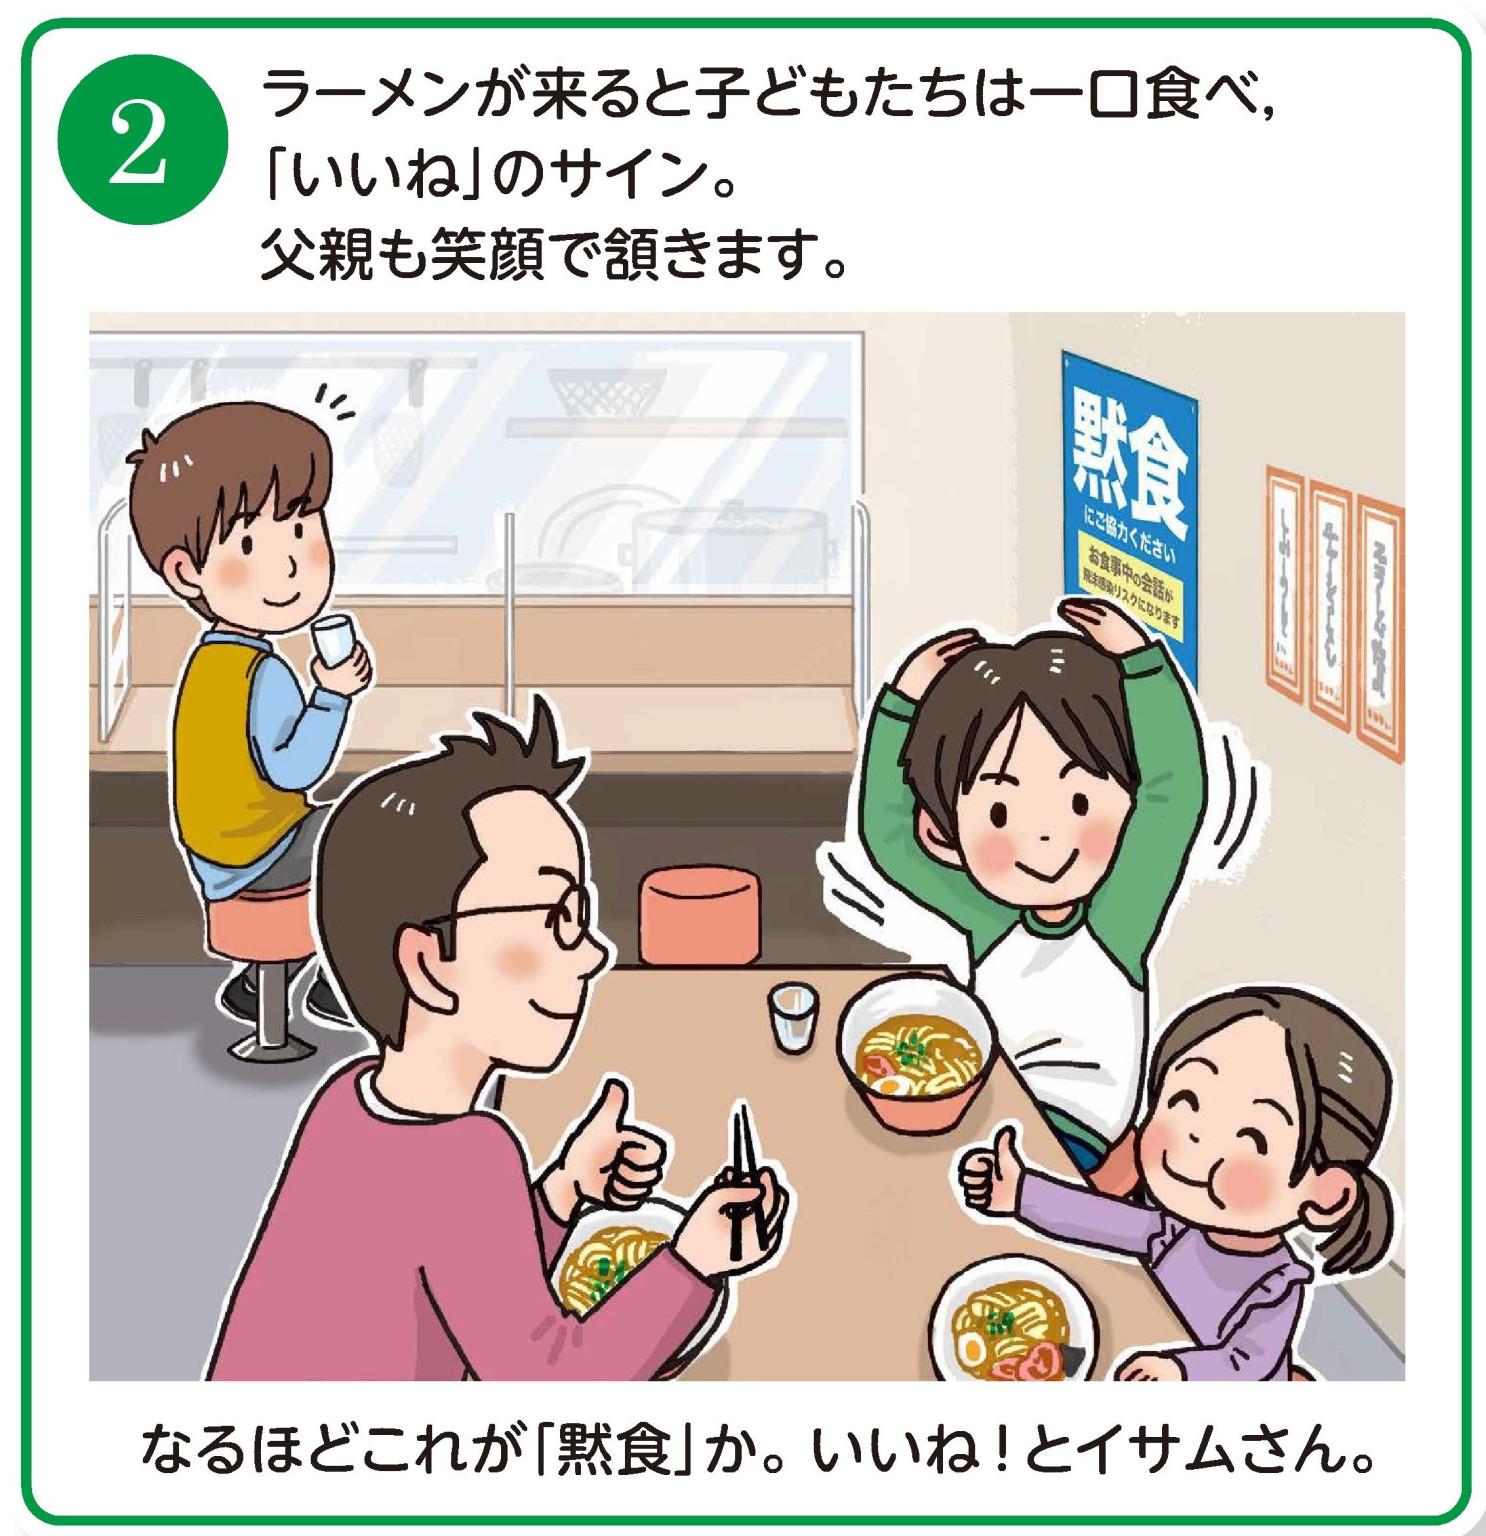 Kyoto-silent-eating-mokushoku-manga-comic-2.jpg